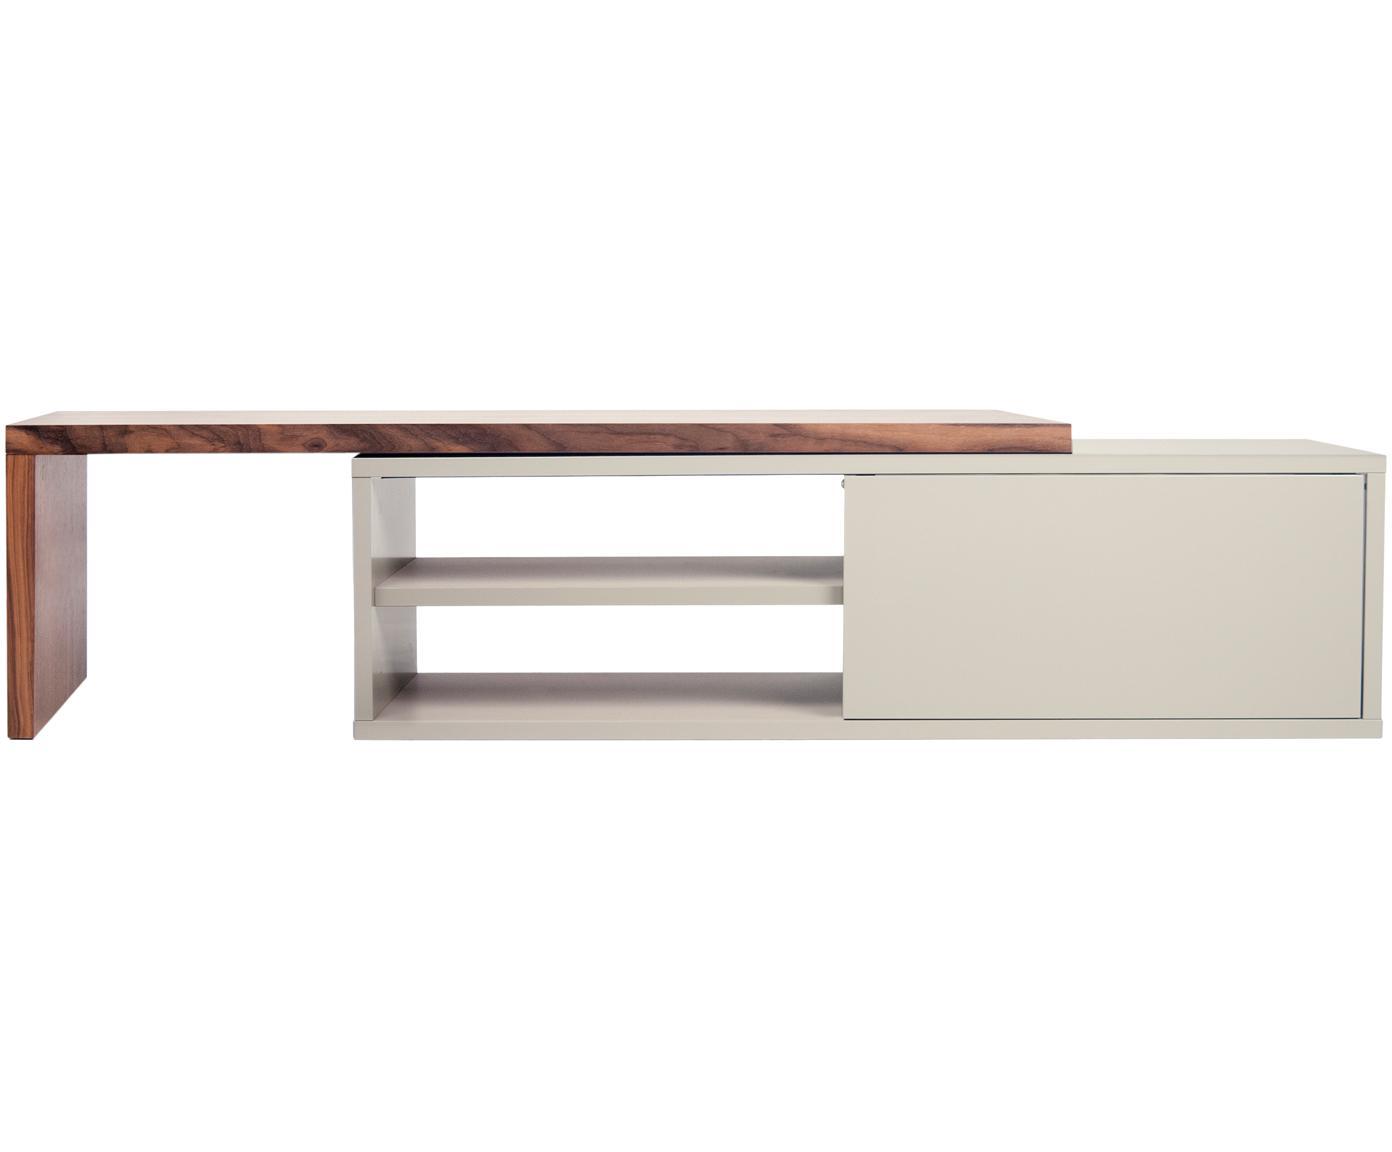 Mueble TV extensible Lieke, Estante: aglomerado, chapado en no, Gris, nogal, An 110 - 203 x Al 32 cm